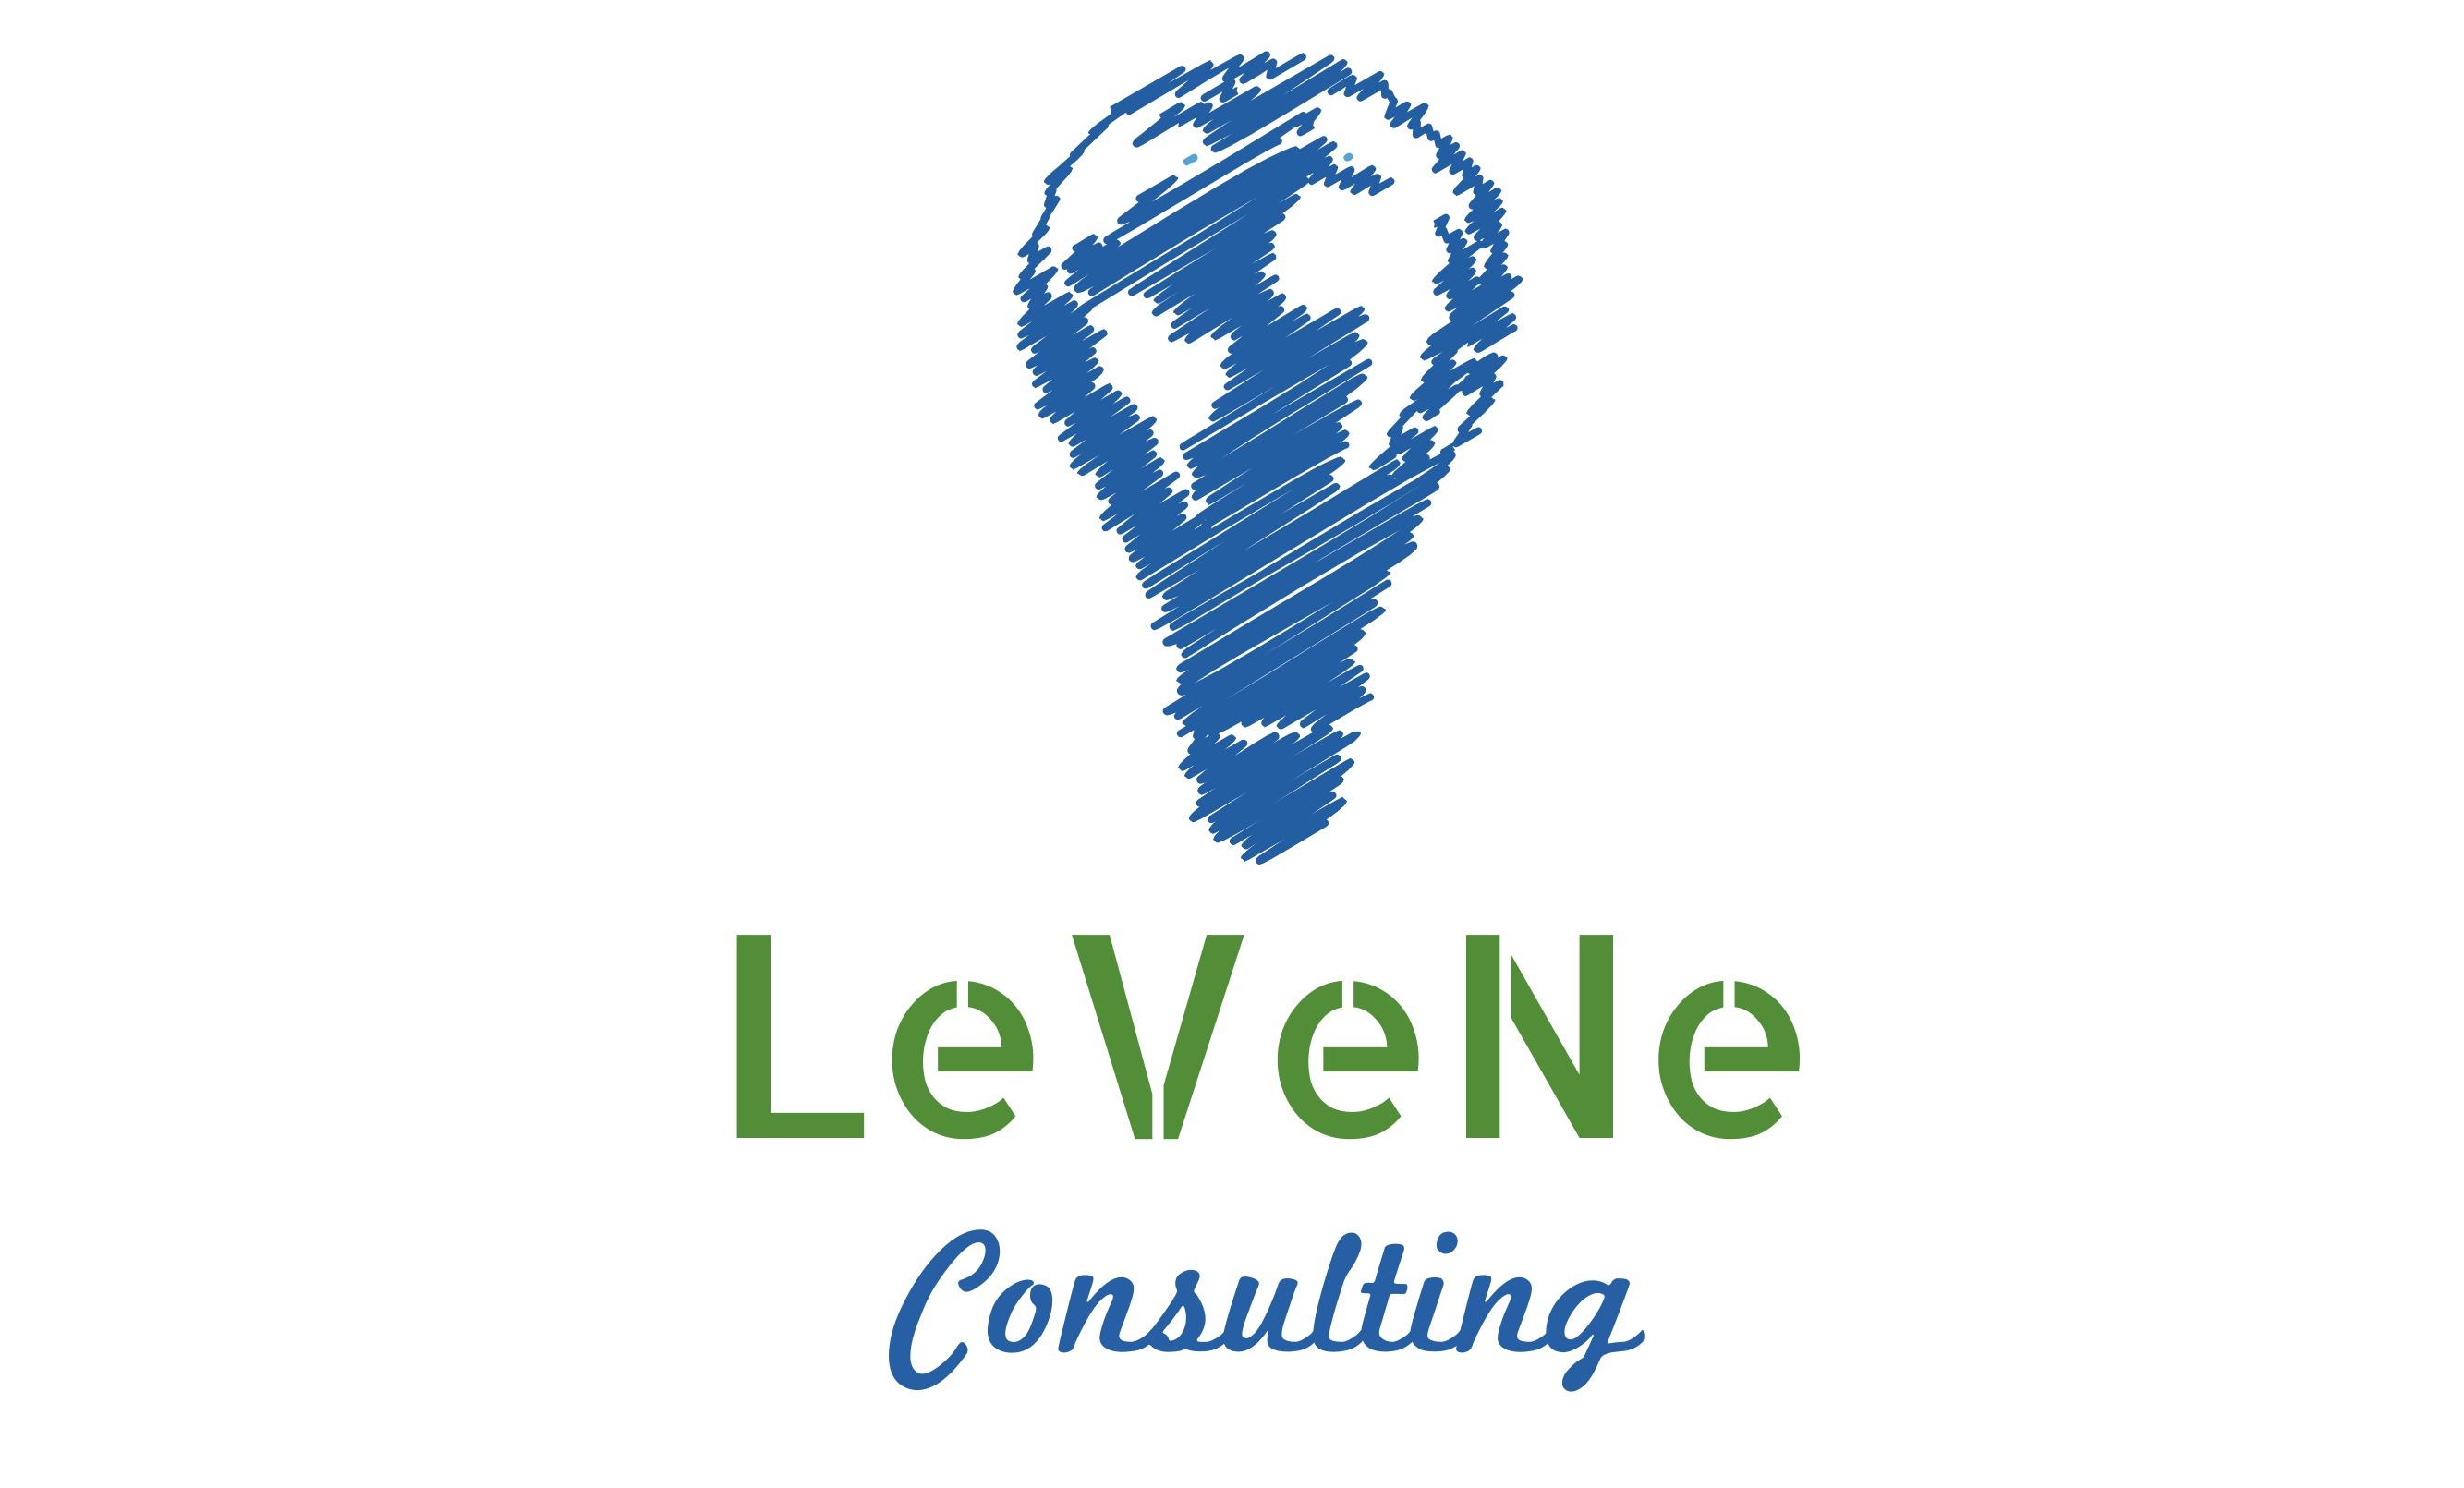 Levene Consulting Logo